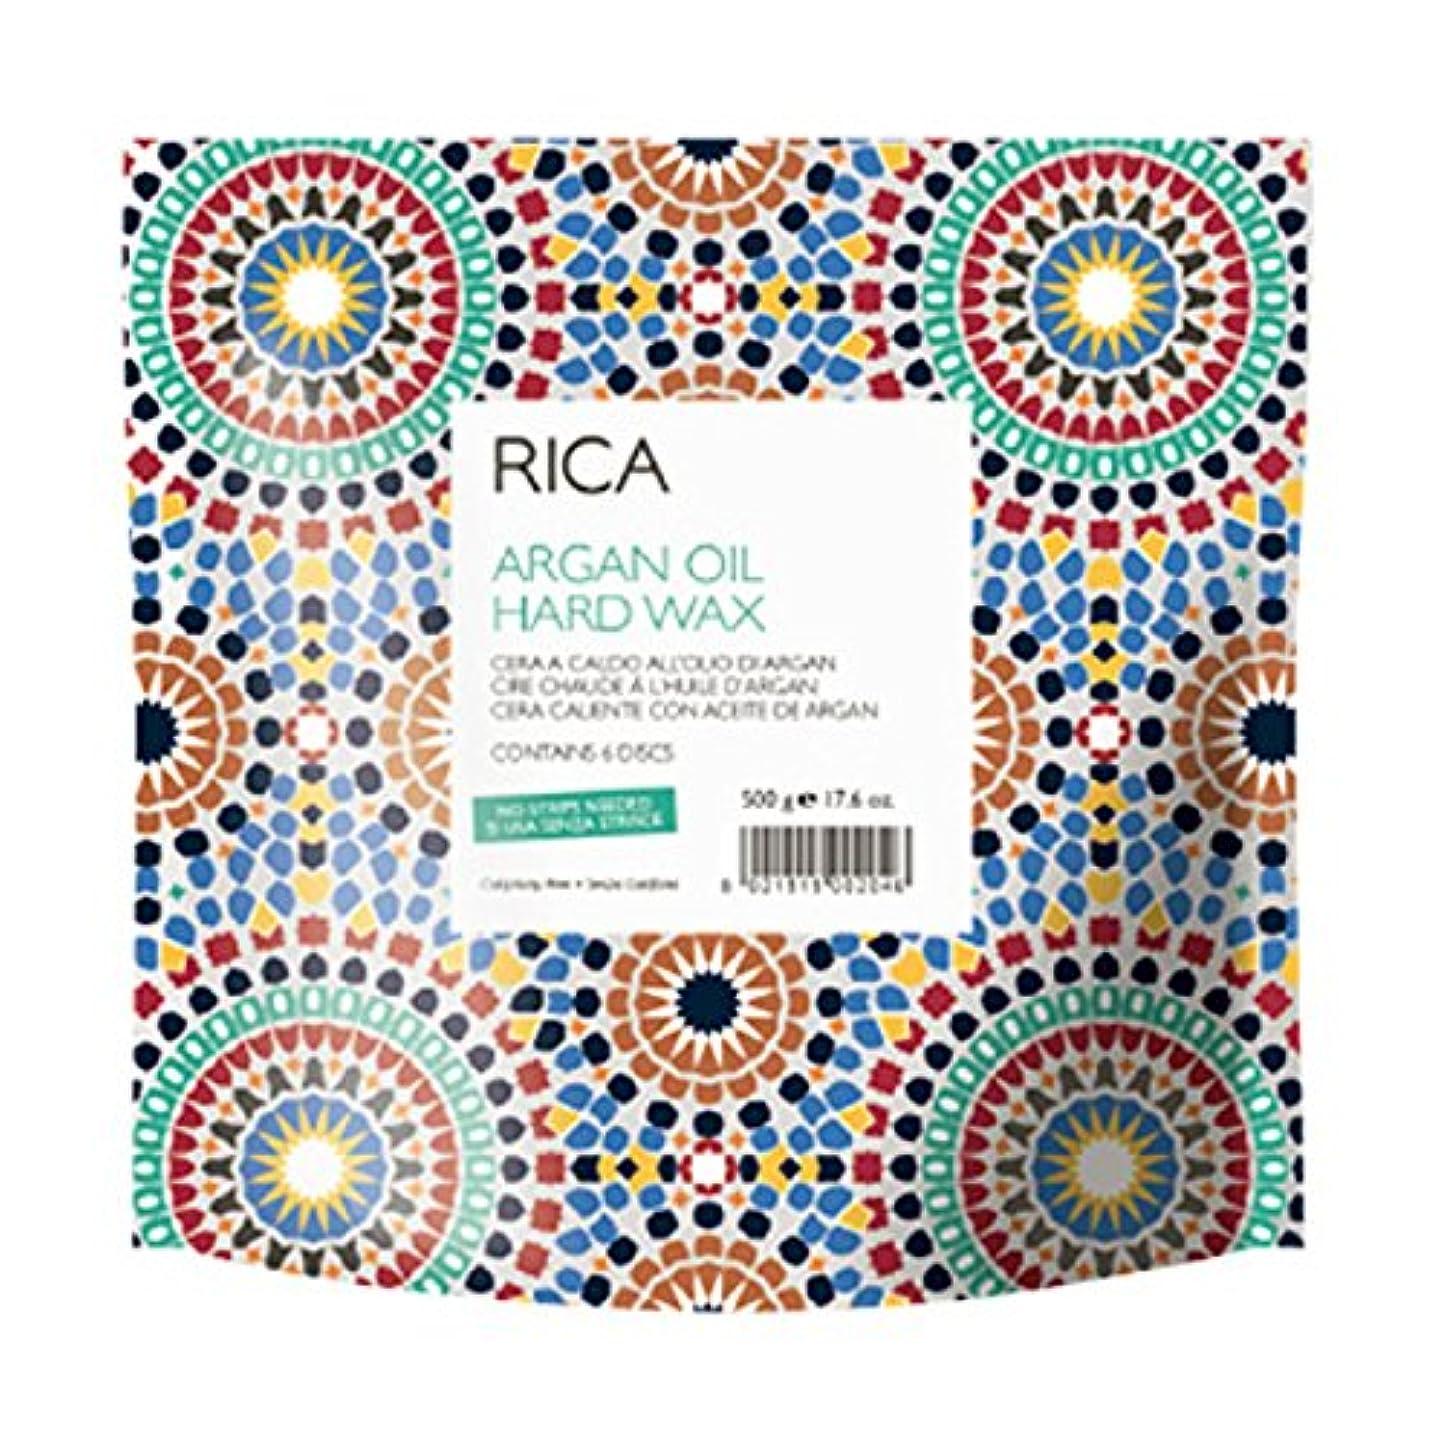 明日ゴミ一般的なRICA ハードワックス(アルガンオイル)500g